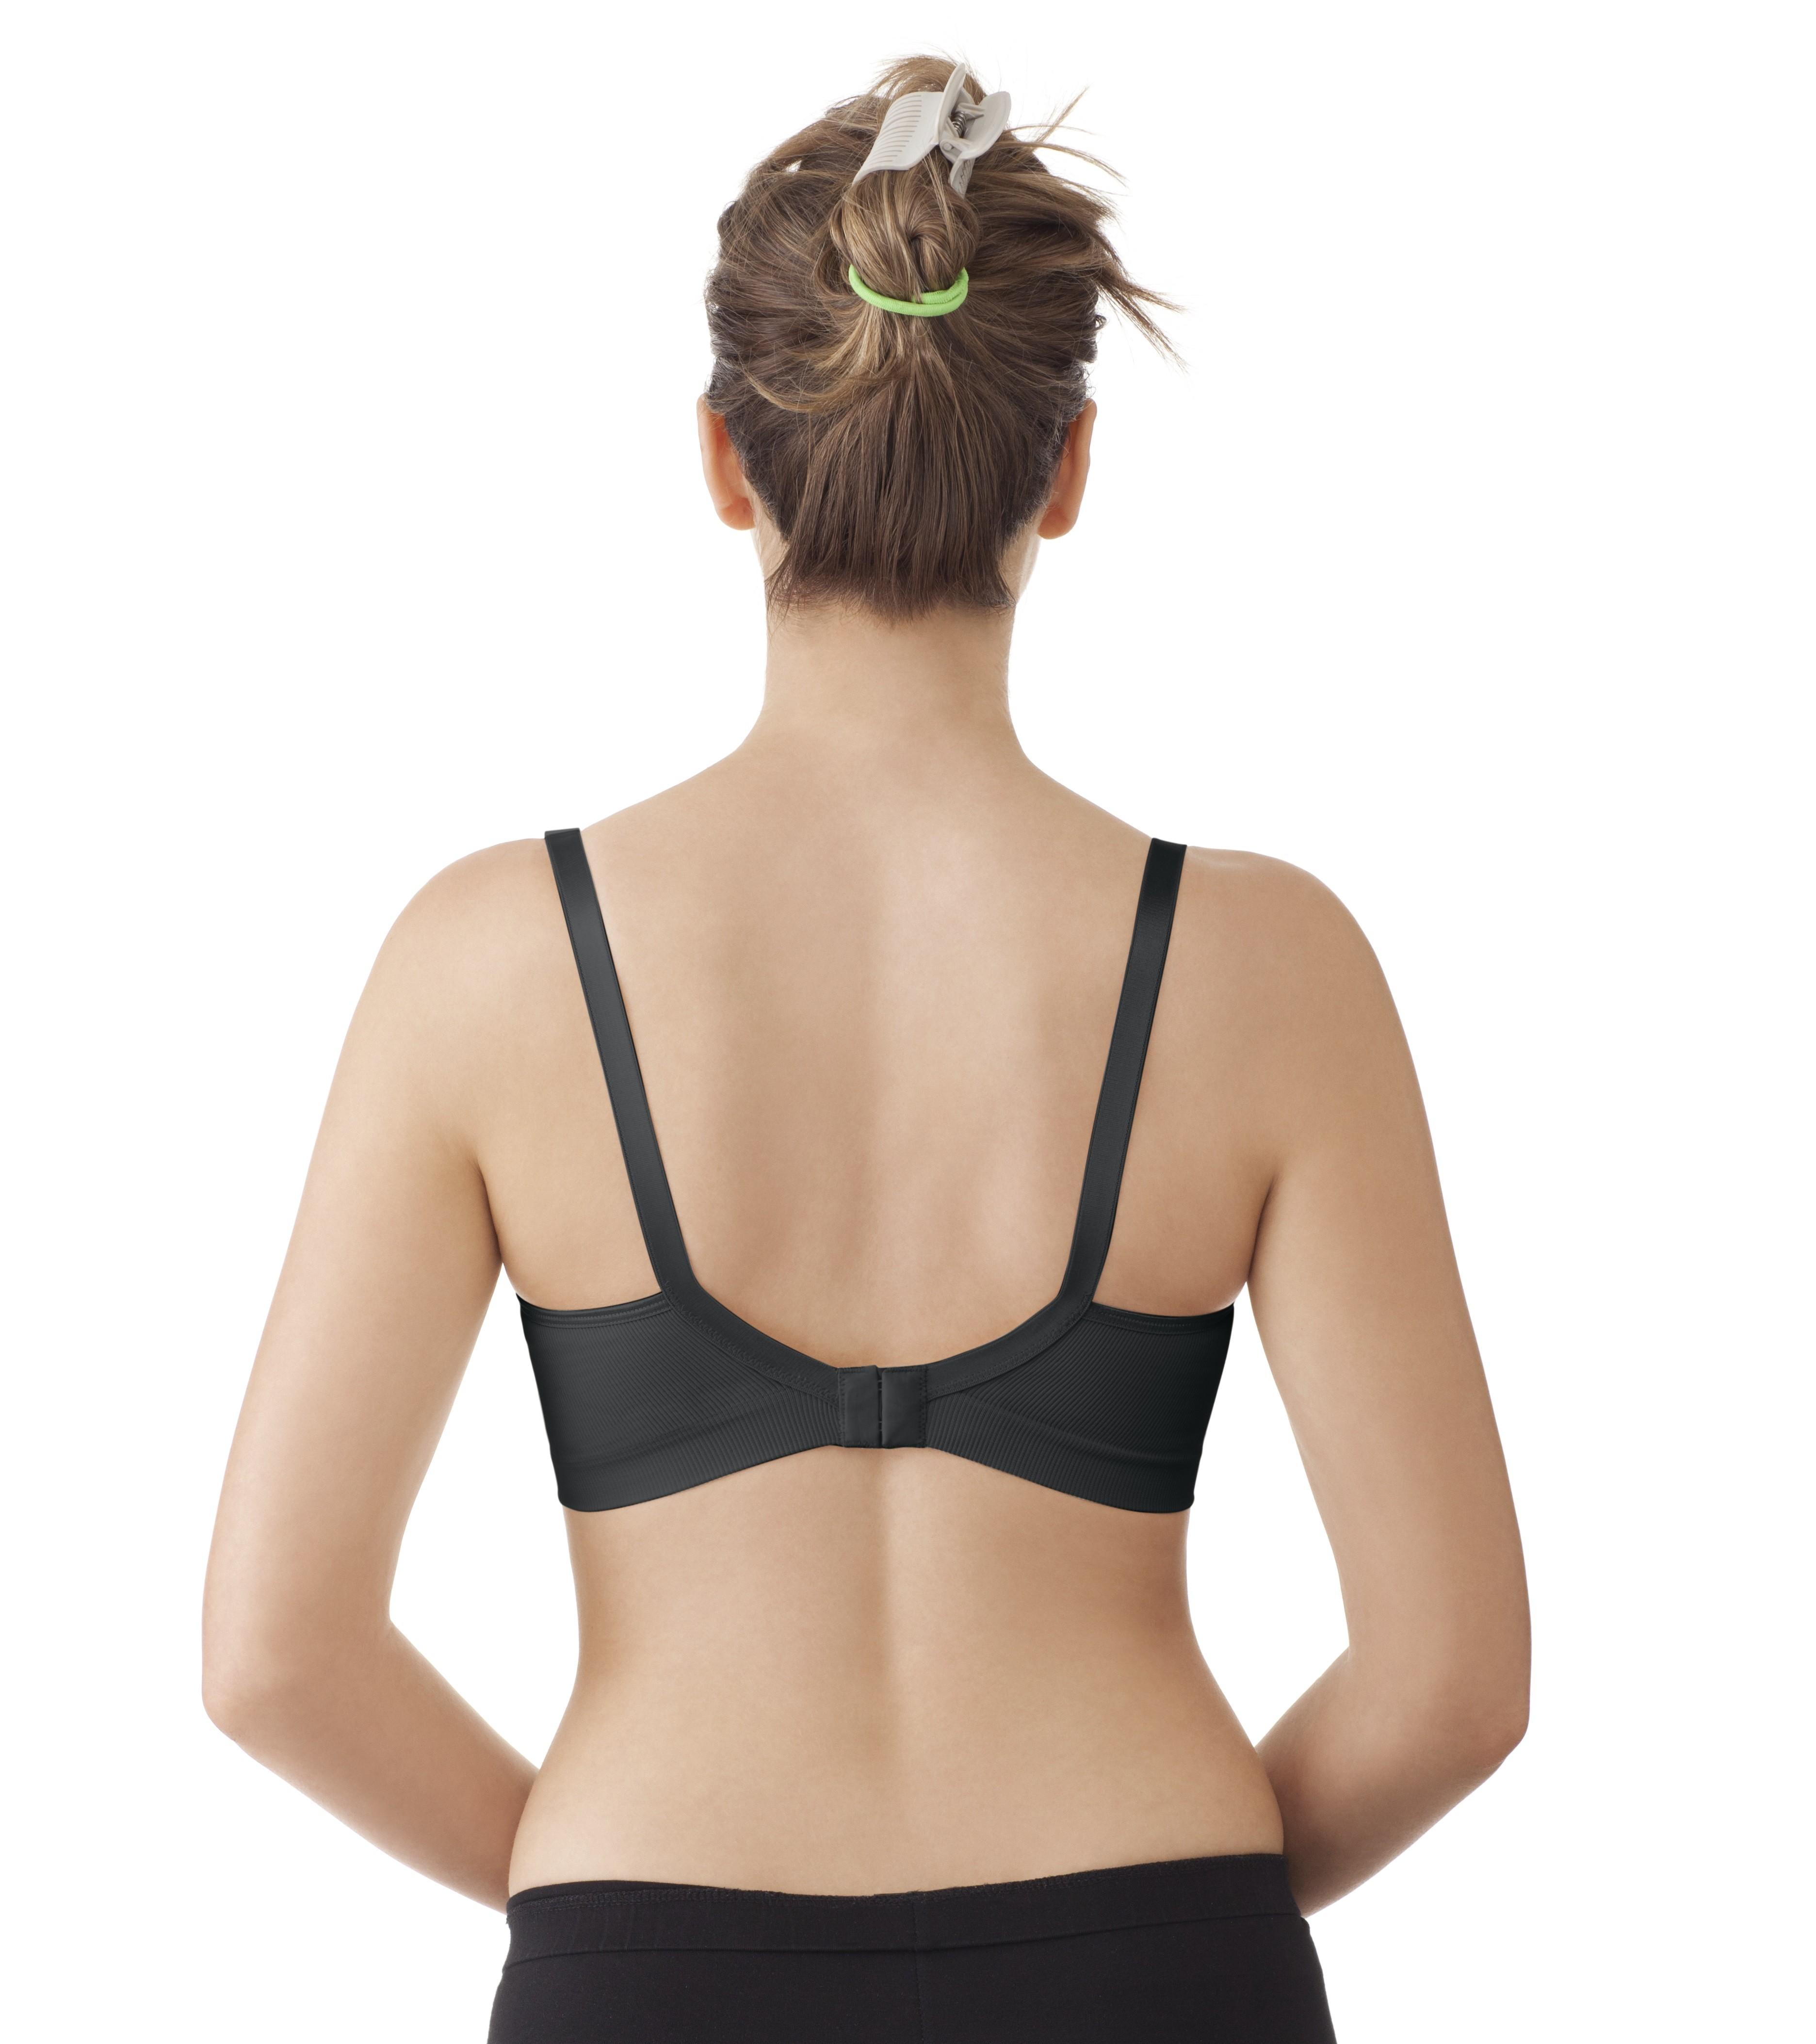 Medela Ultra Stretch Nursing Bra